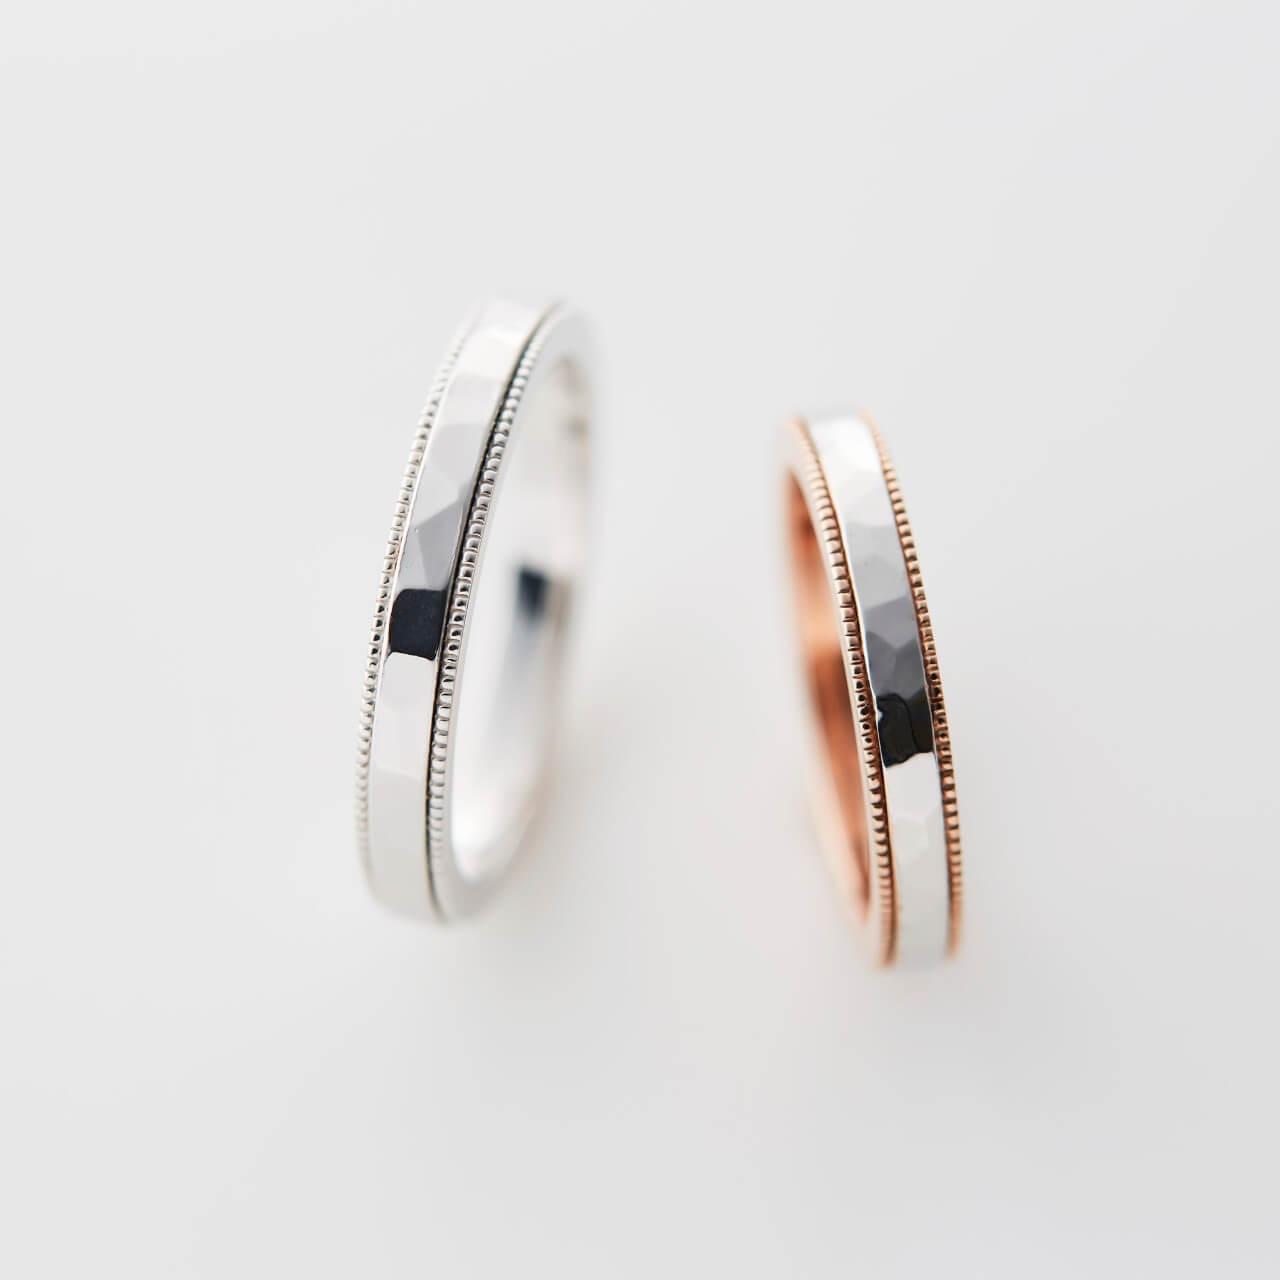 ミルグレインと鎚目のストレートの結婚指輪